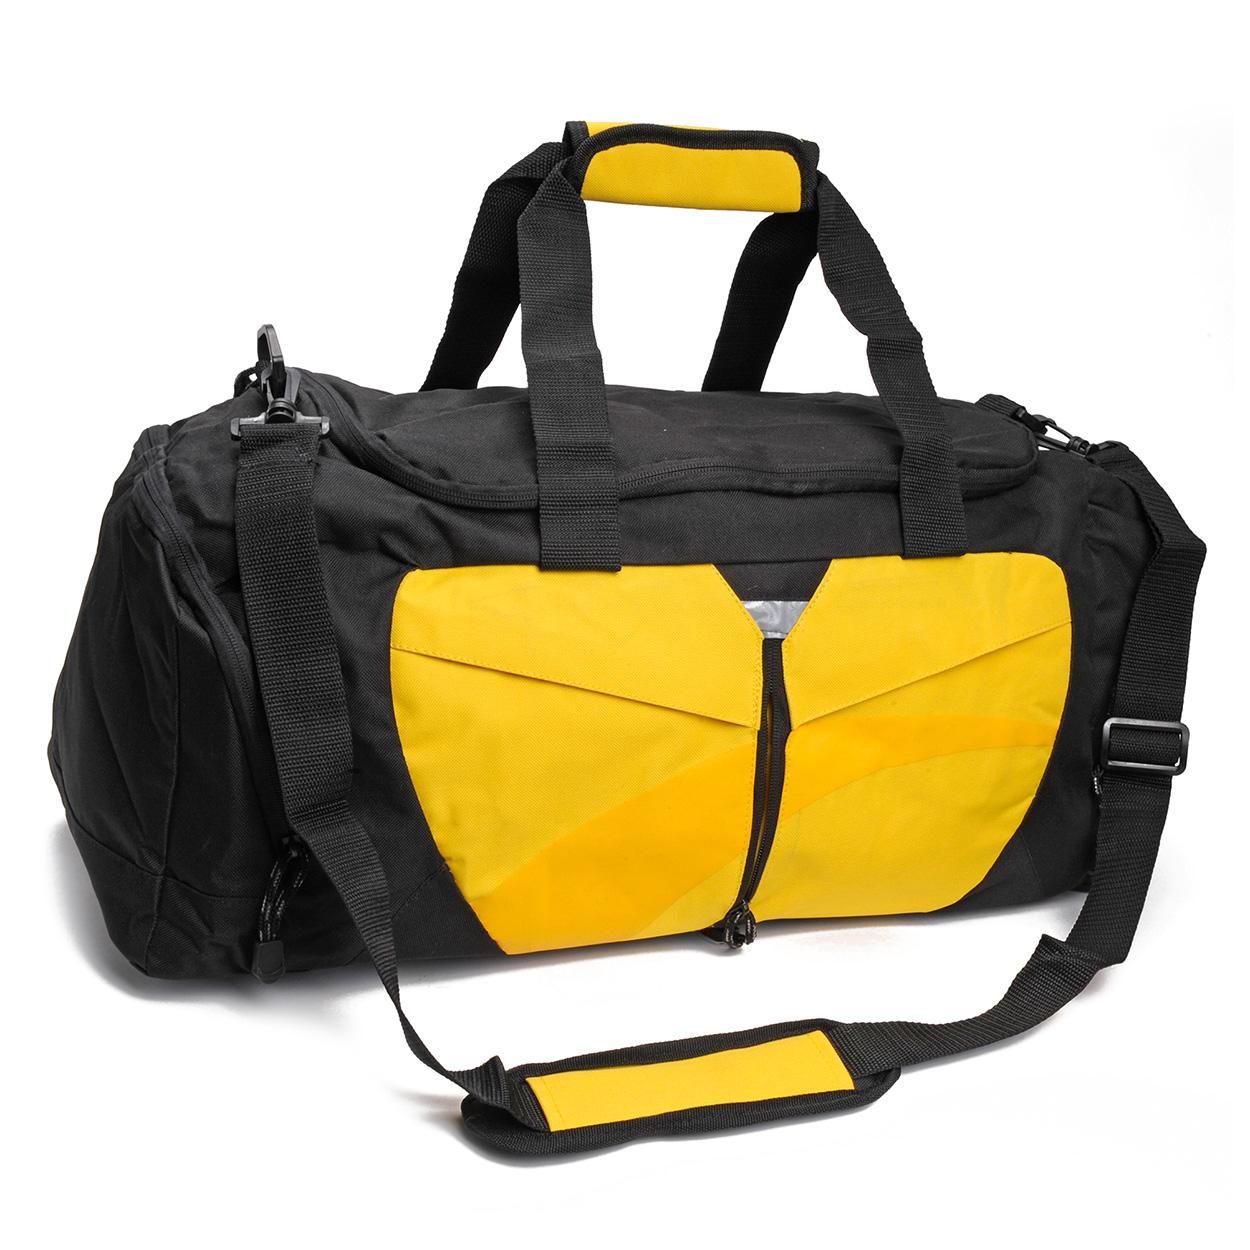 Tassen Ontwerp Wedstrijd : Weekendtas pegasus geel met zwart kopen lobbes